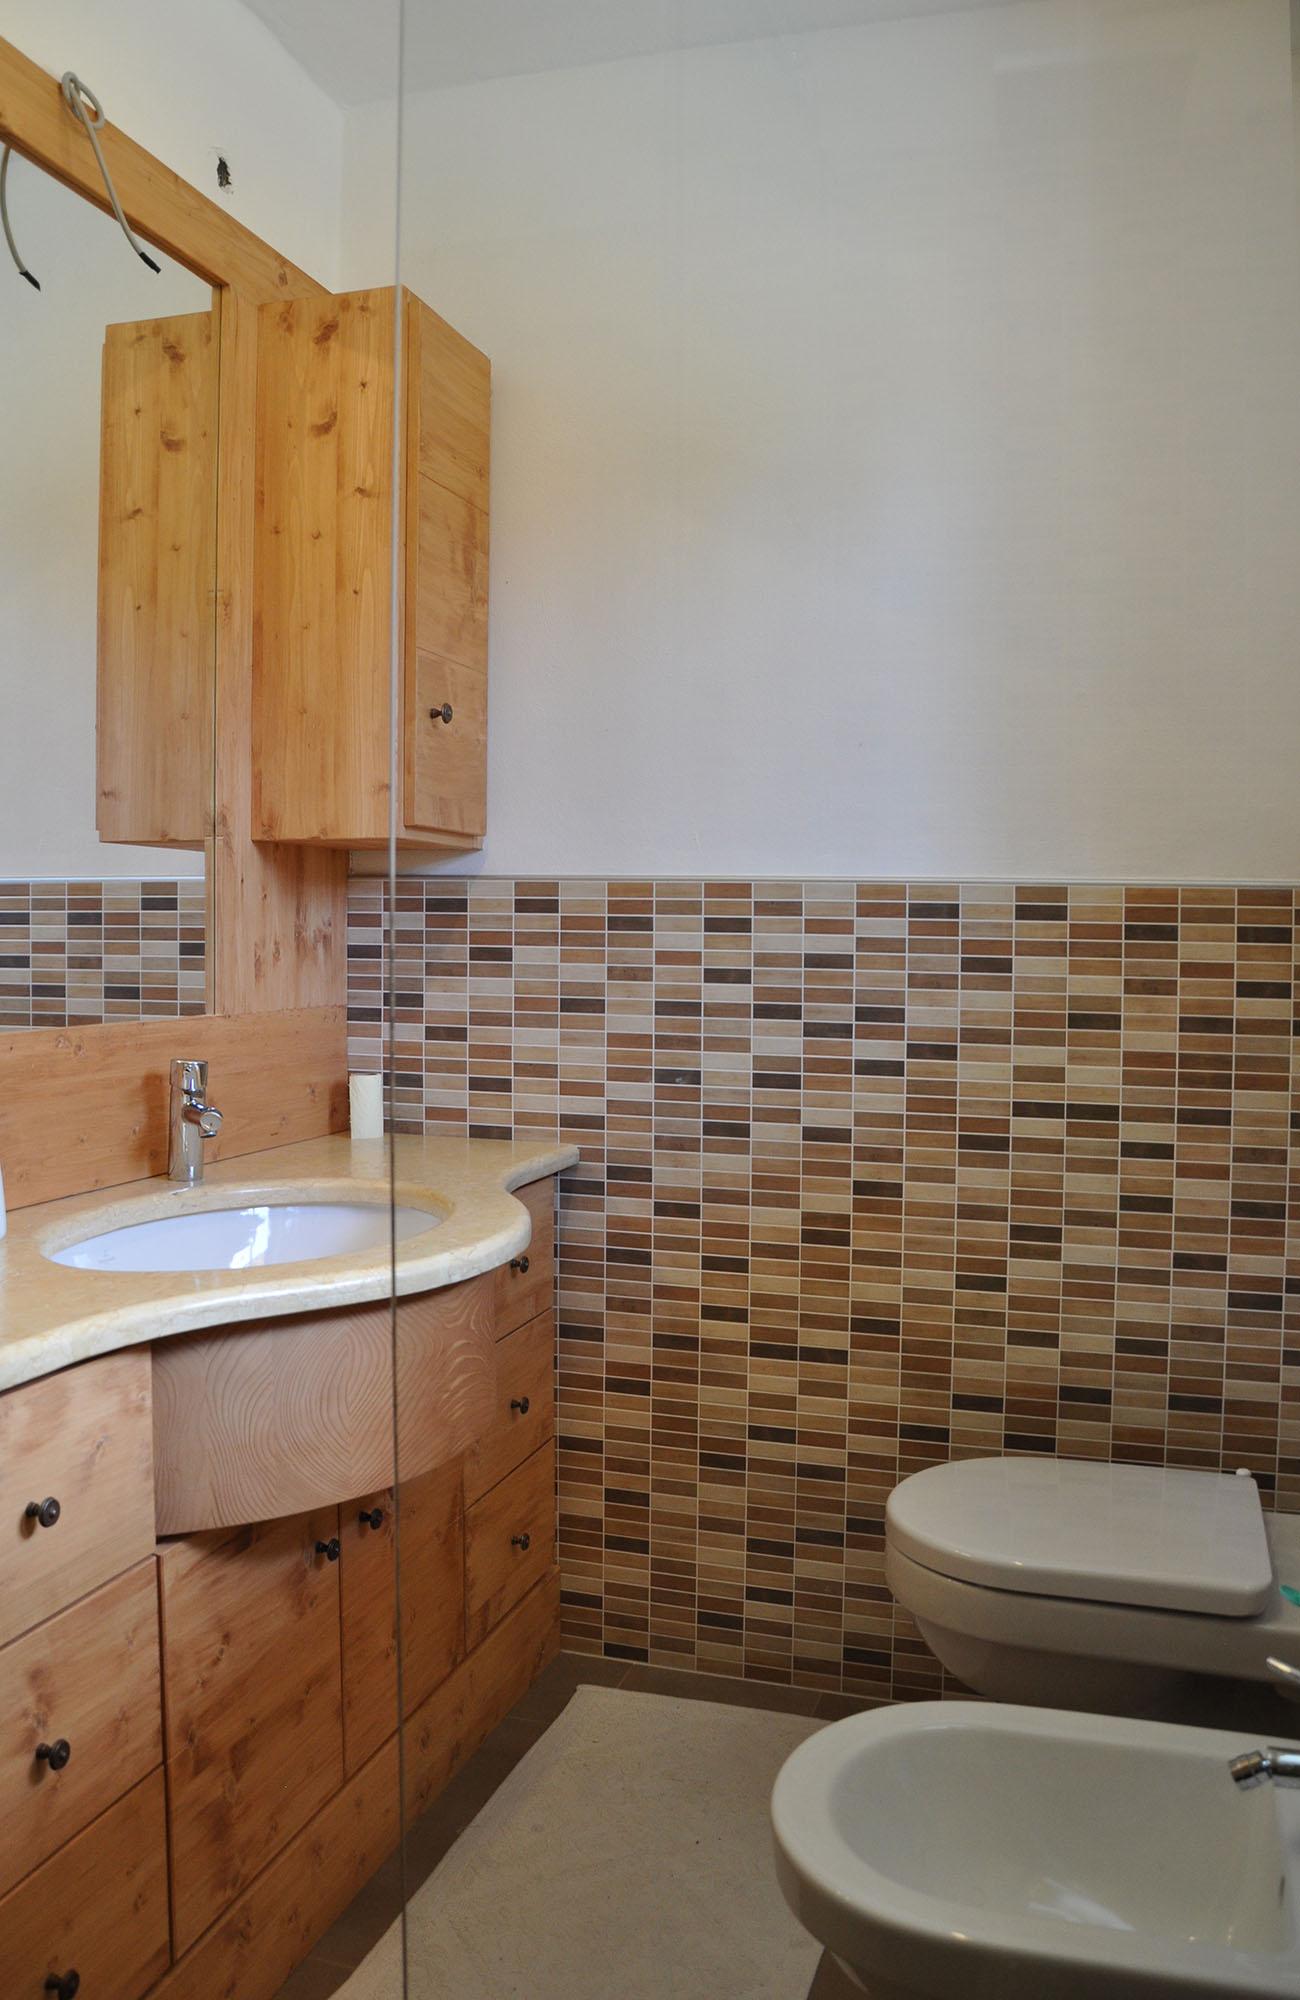 Arredo in legno da bagno con mobili su misura